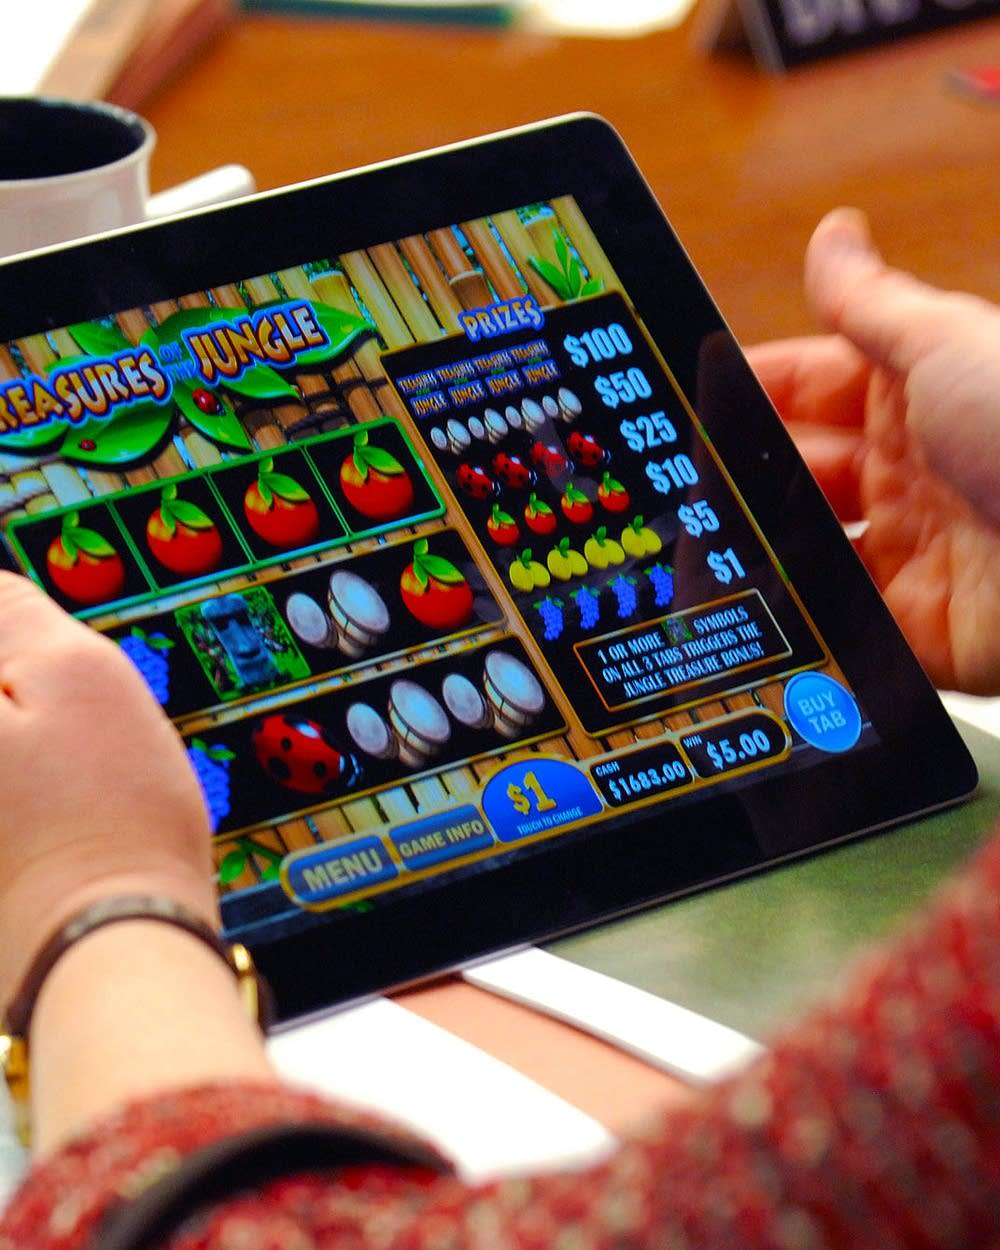 Mn gambling contrl board casino games gratis